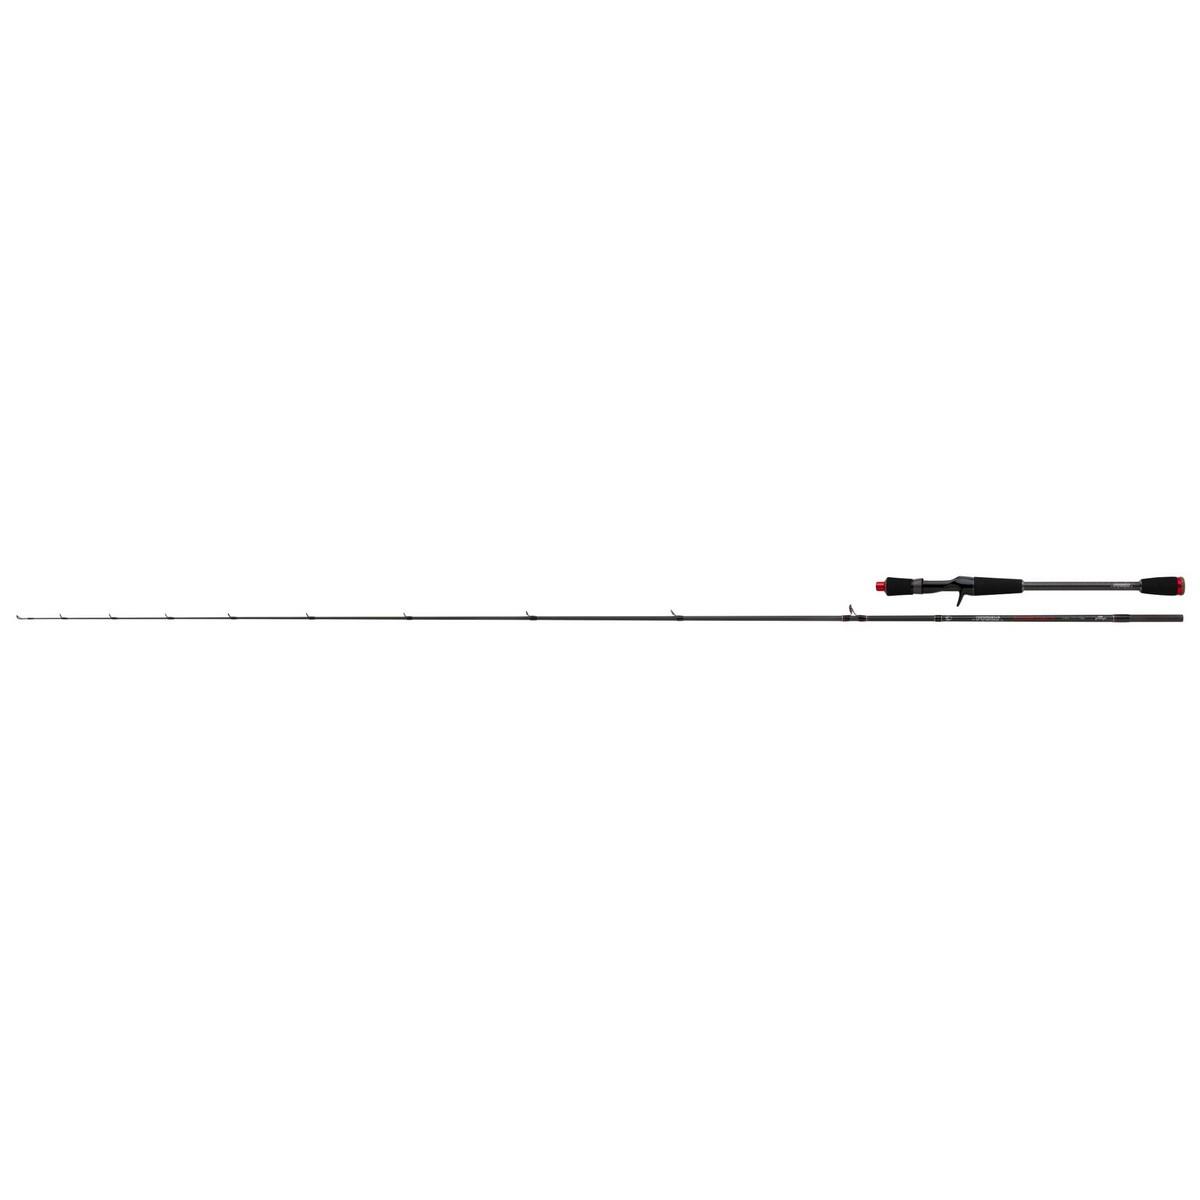 Риболовен прът Fox Rage Prism Zander Cast X Rod